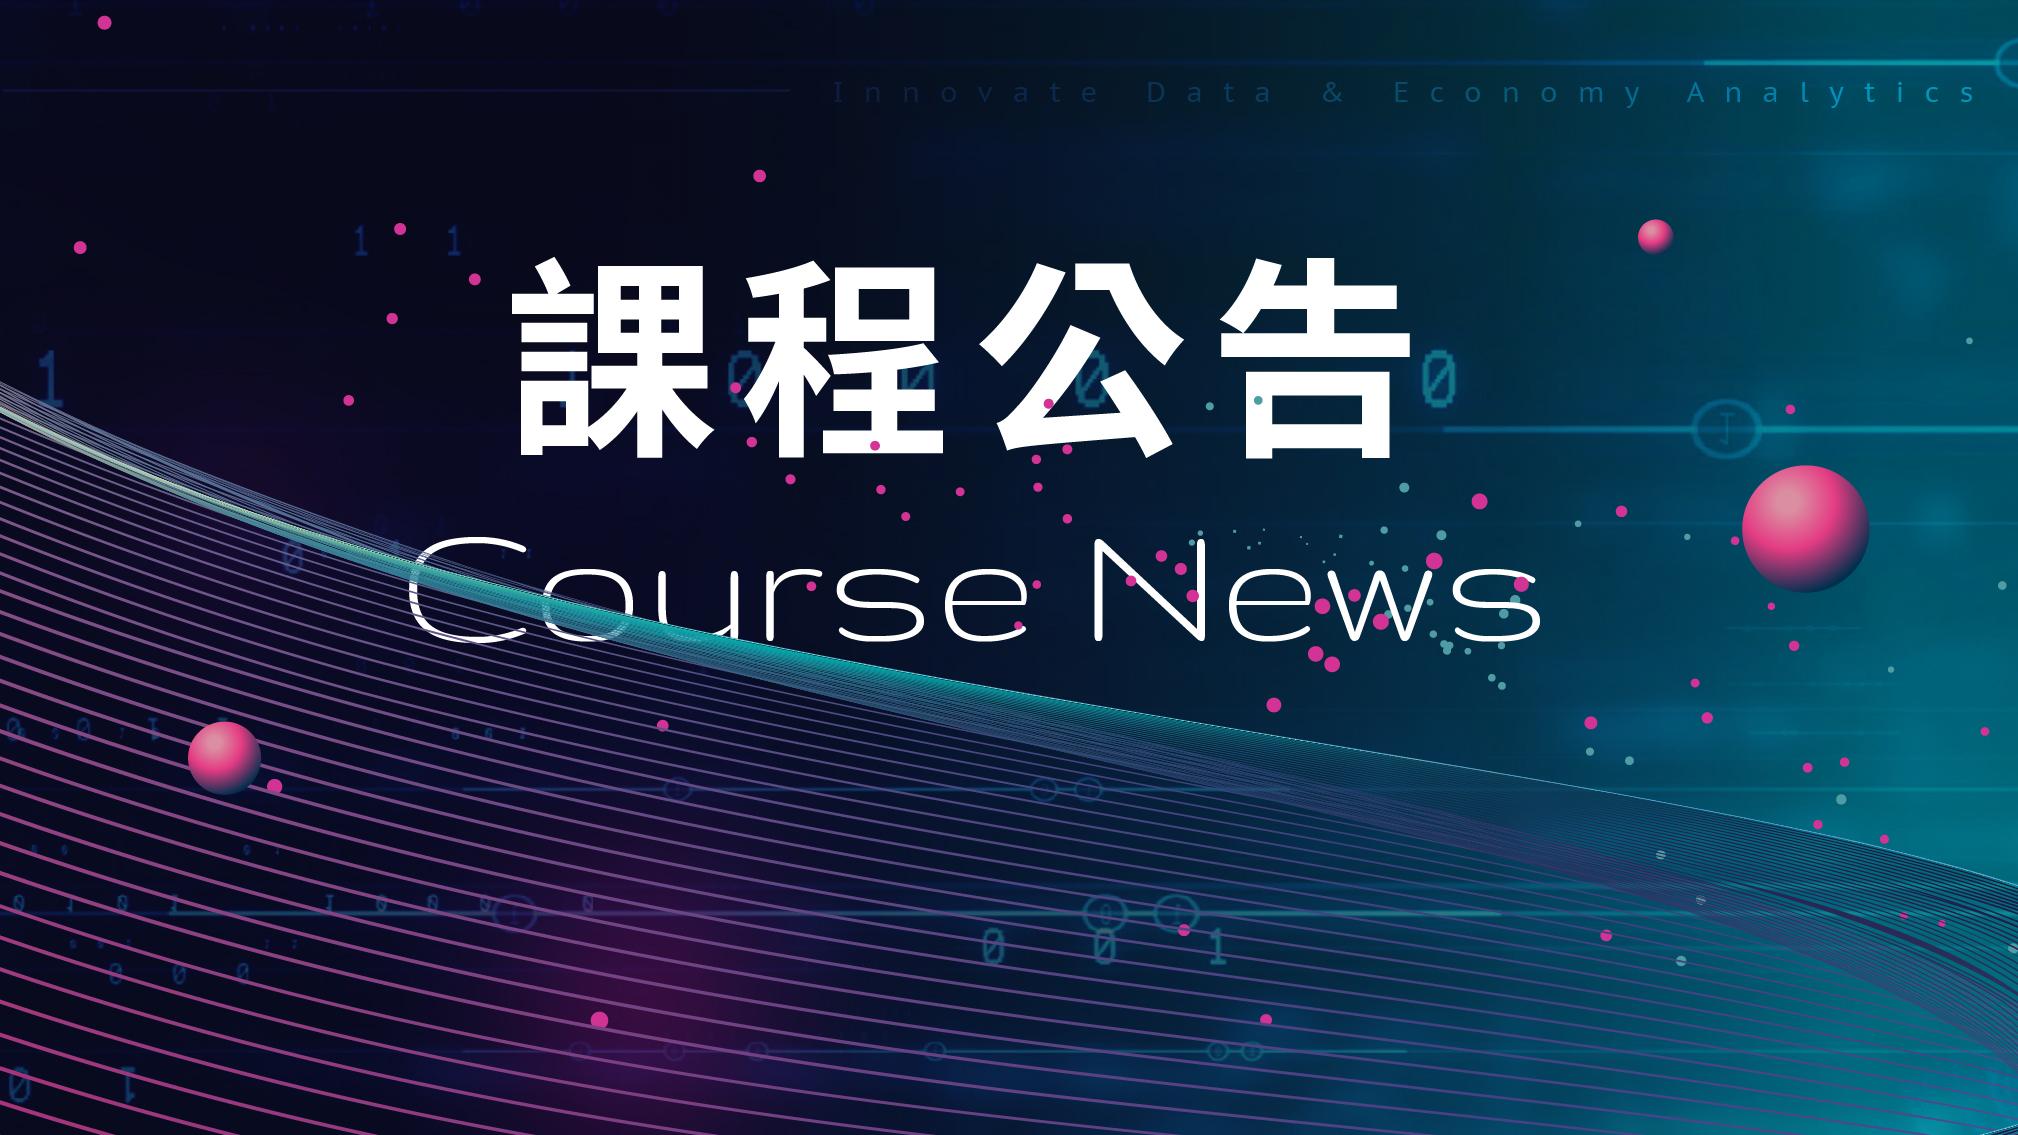 【創新經濟數位學堂第5集】掌握科技工具組合戰略—營運與行銷的數位整合力